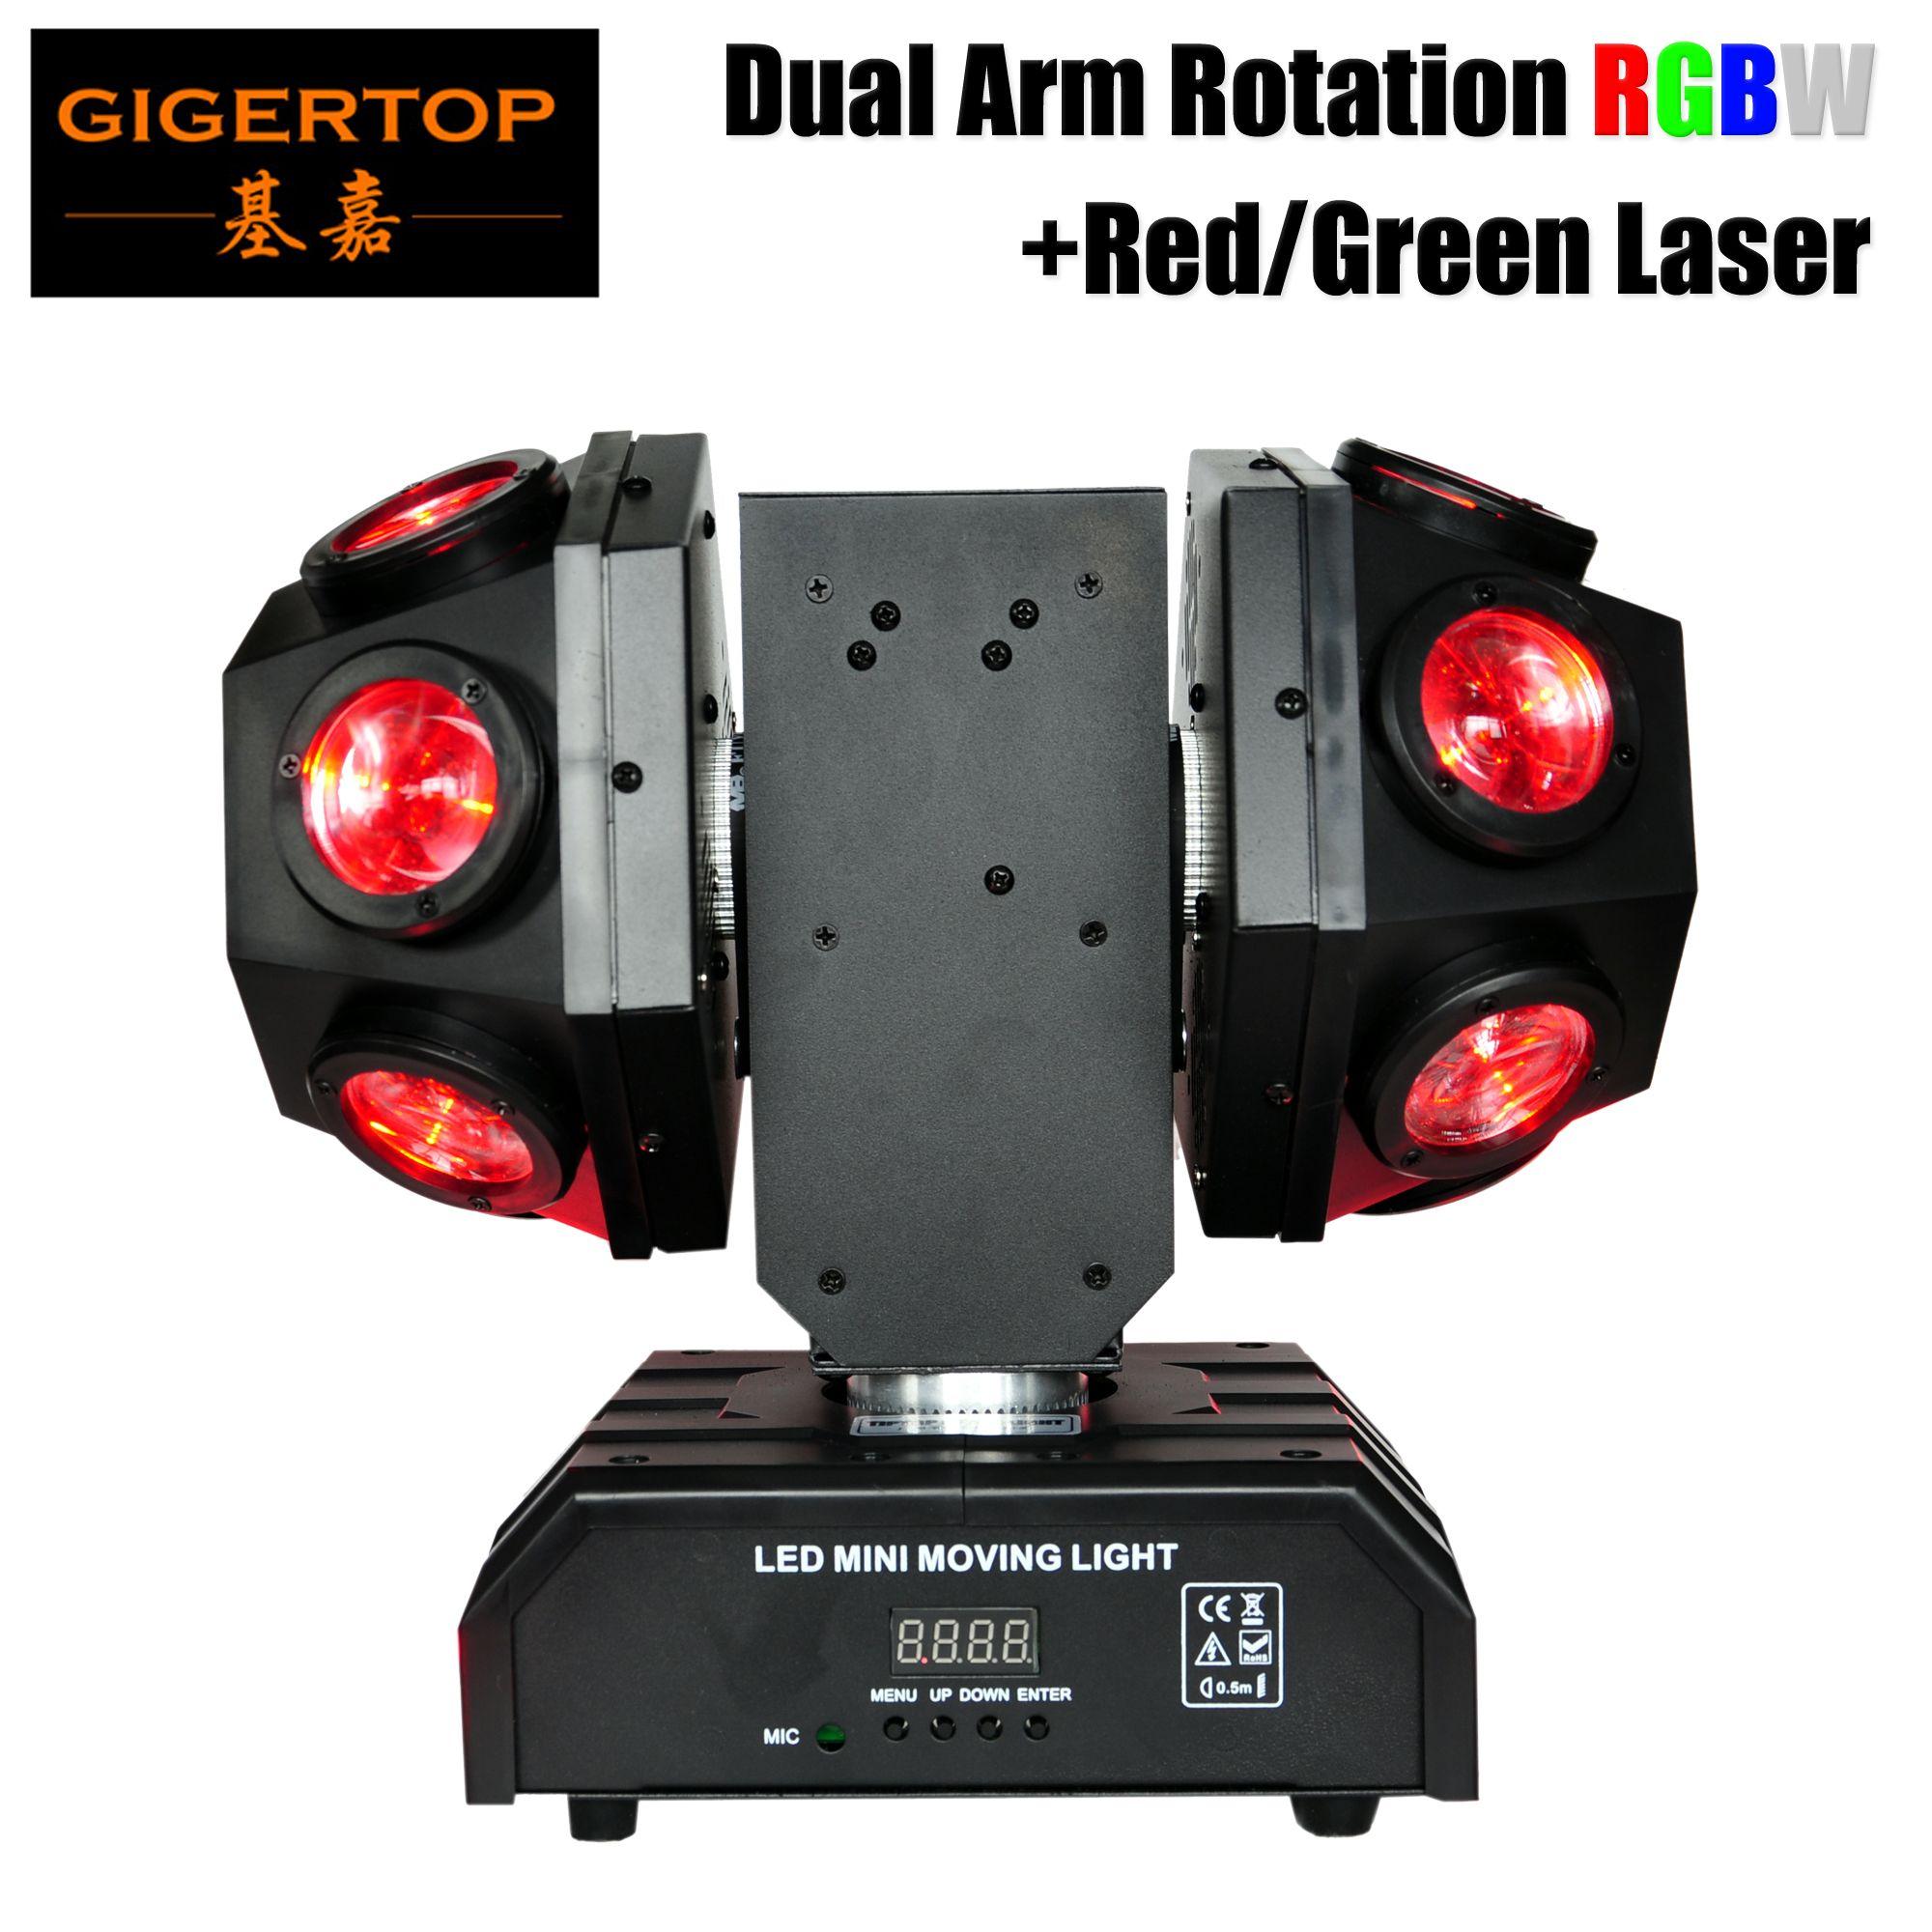 TIPTOP LED Super feixe Mini Moving Head luz Bola Double / Braços 2 Infinito rotação Football Luz RGBW mistura de cores 17/20 ch